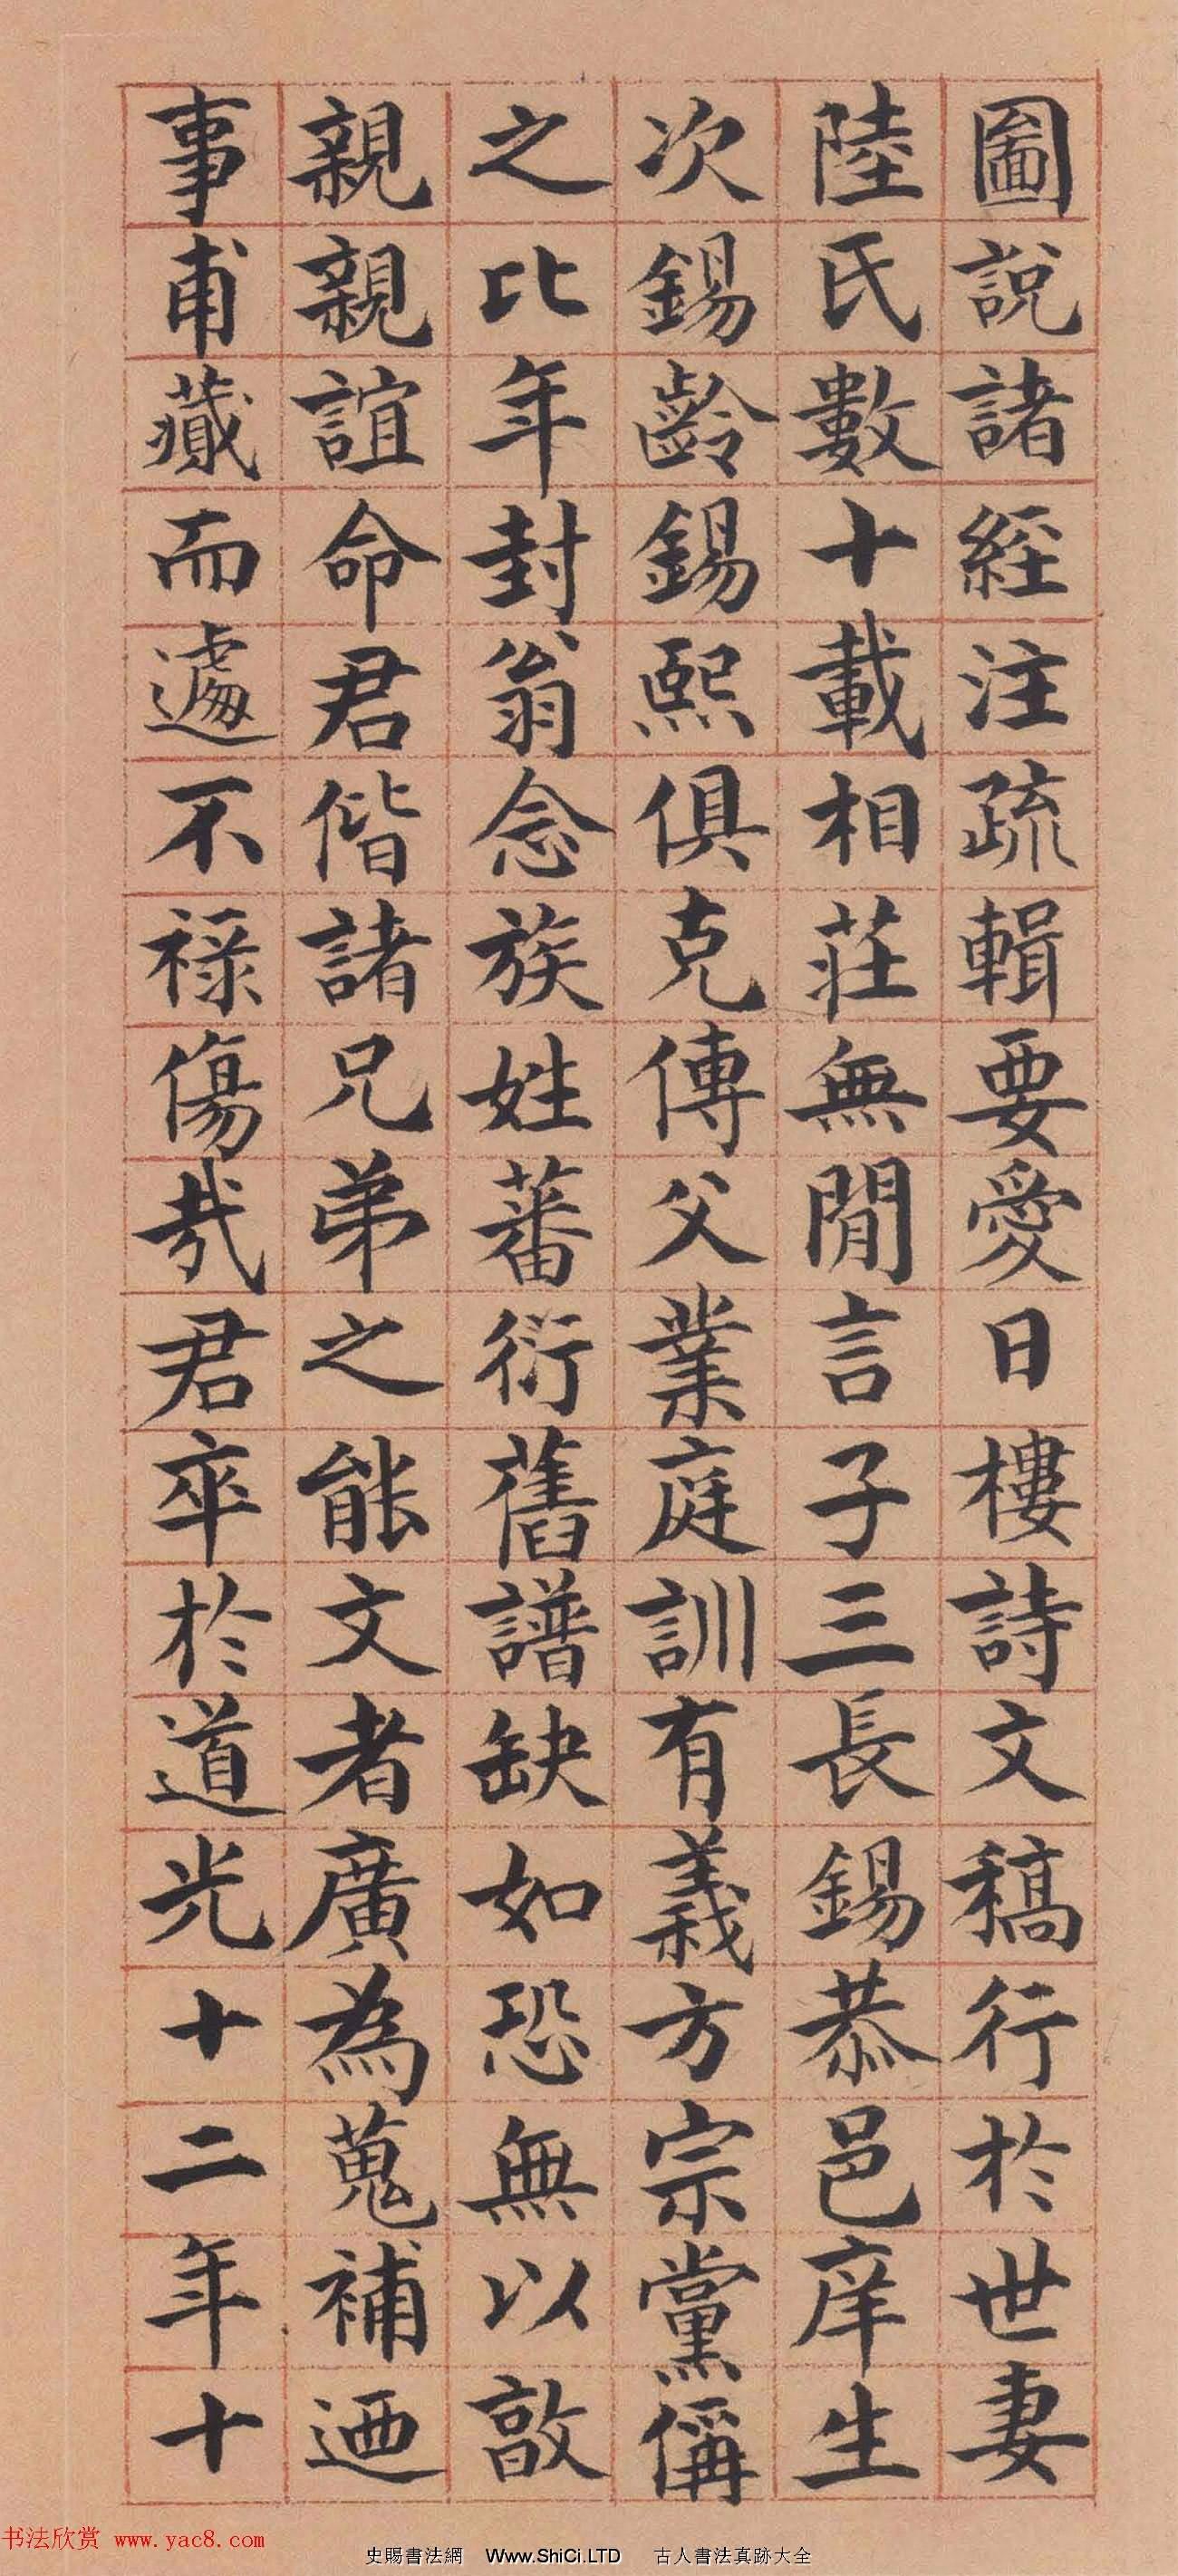 張廷濟楷書《蔡蓮峰州司馬小傳》